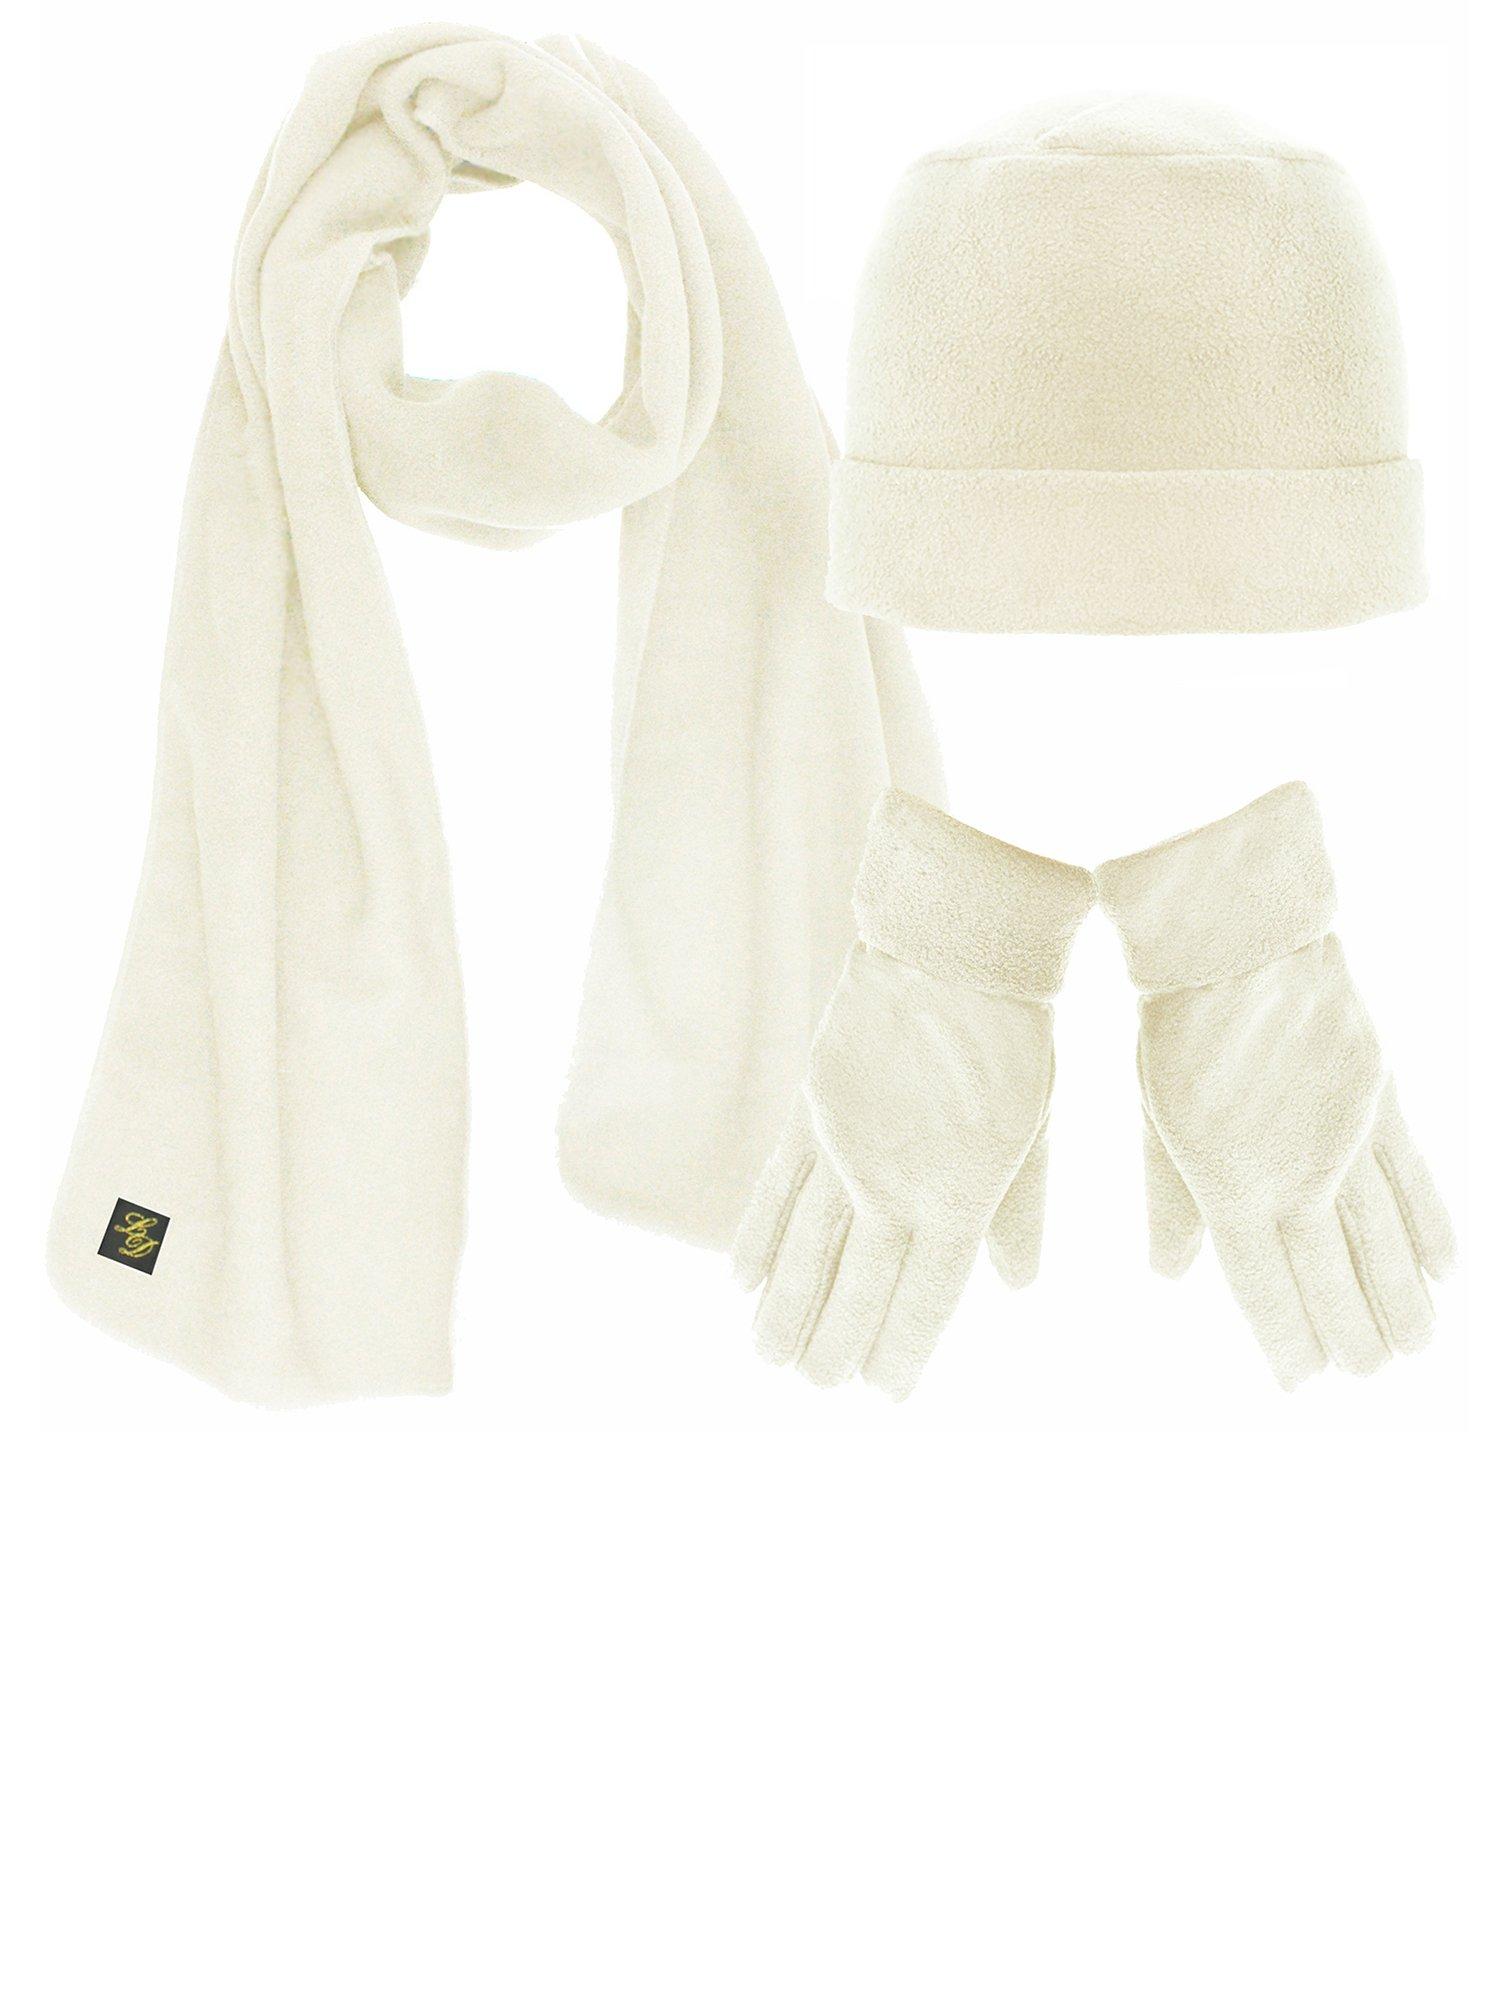 Ivory White 3 Piece Fleece Hat Scarf & Glove Matching Set